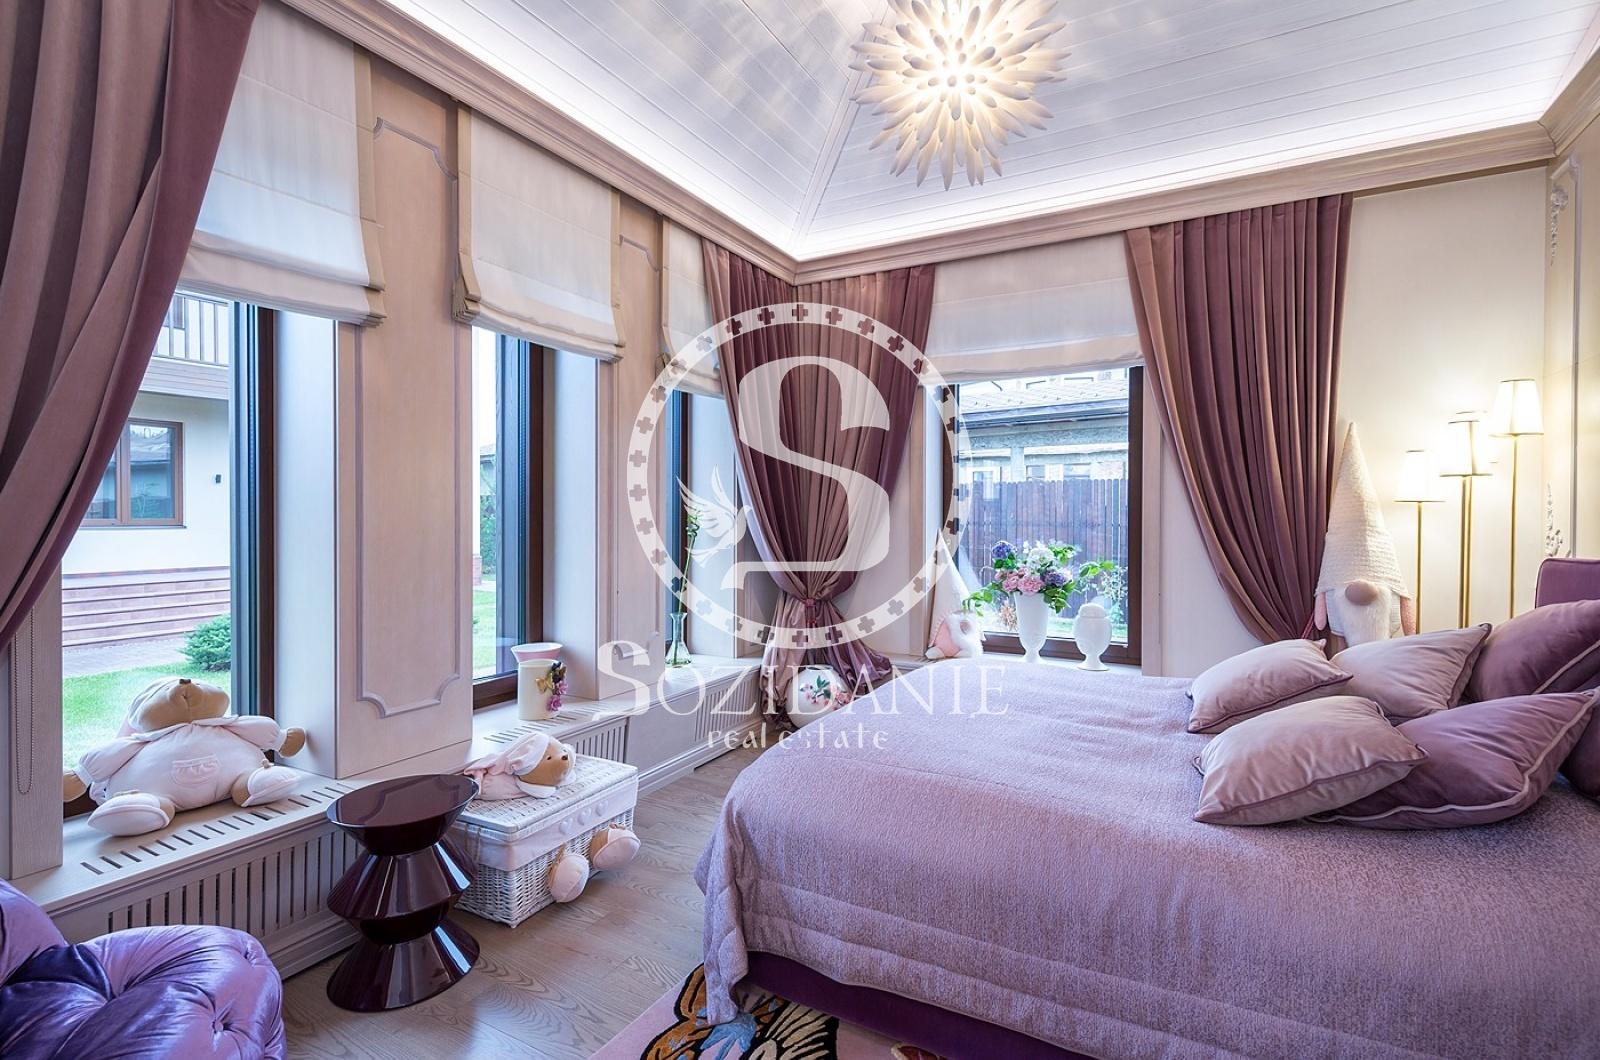 3 Bedrooms, 7 Комнаты, Загородная, Продажа, Listing ID 3664, Московская область, Россия,